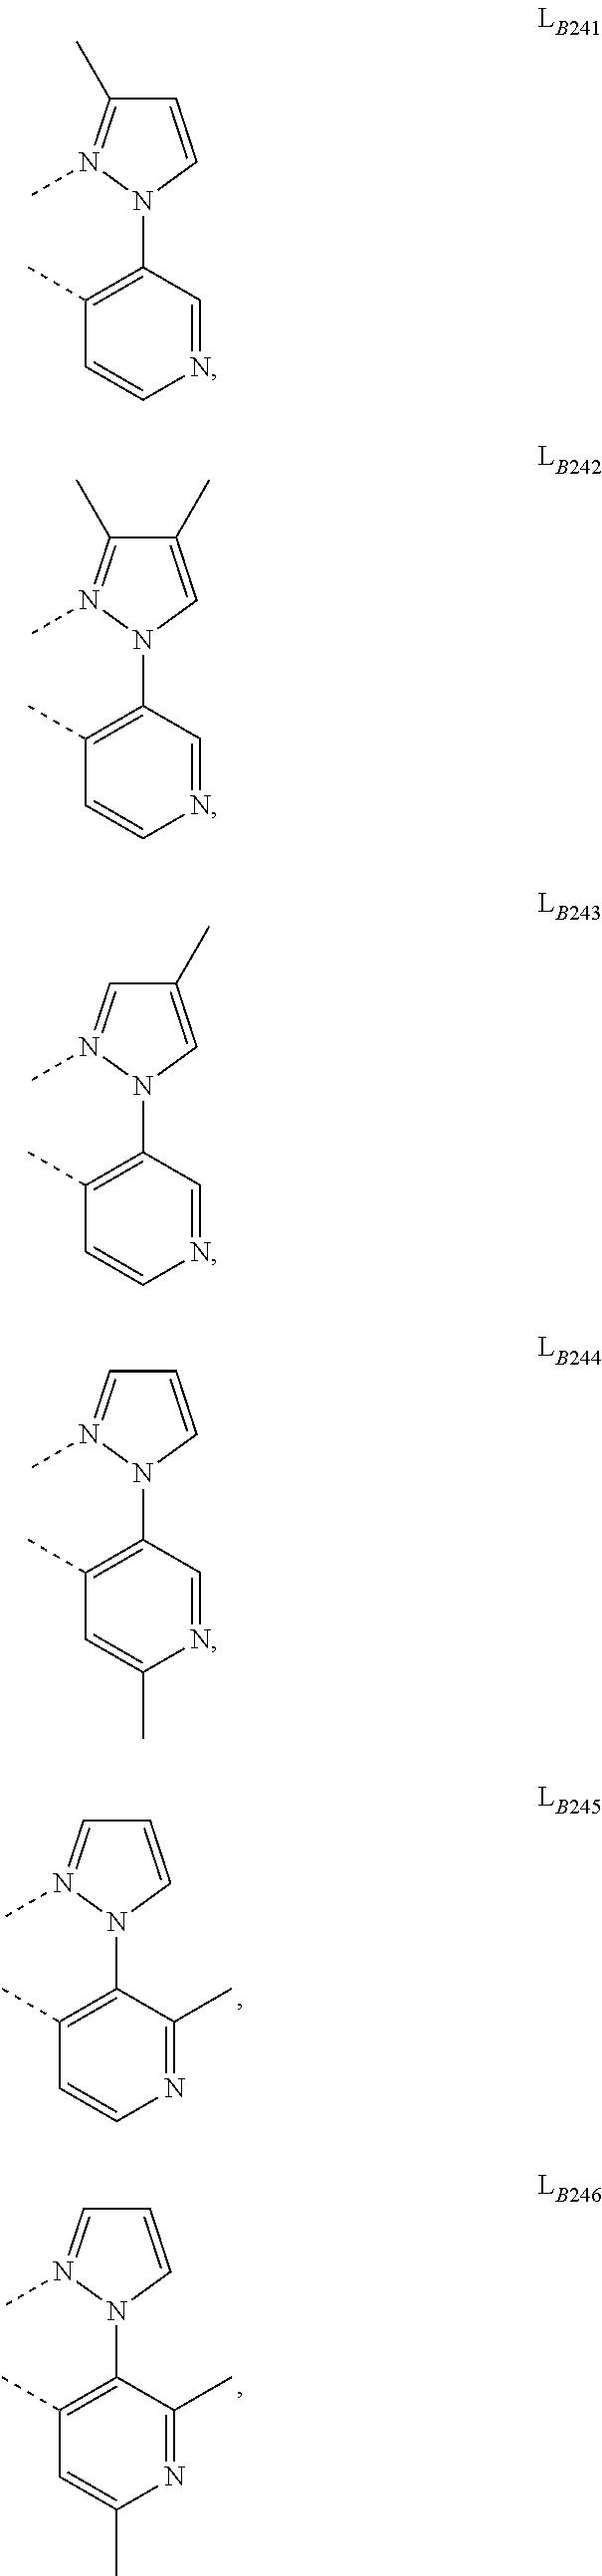 Figure US09905785-20180227-C00551